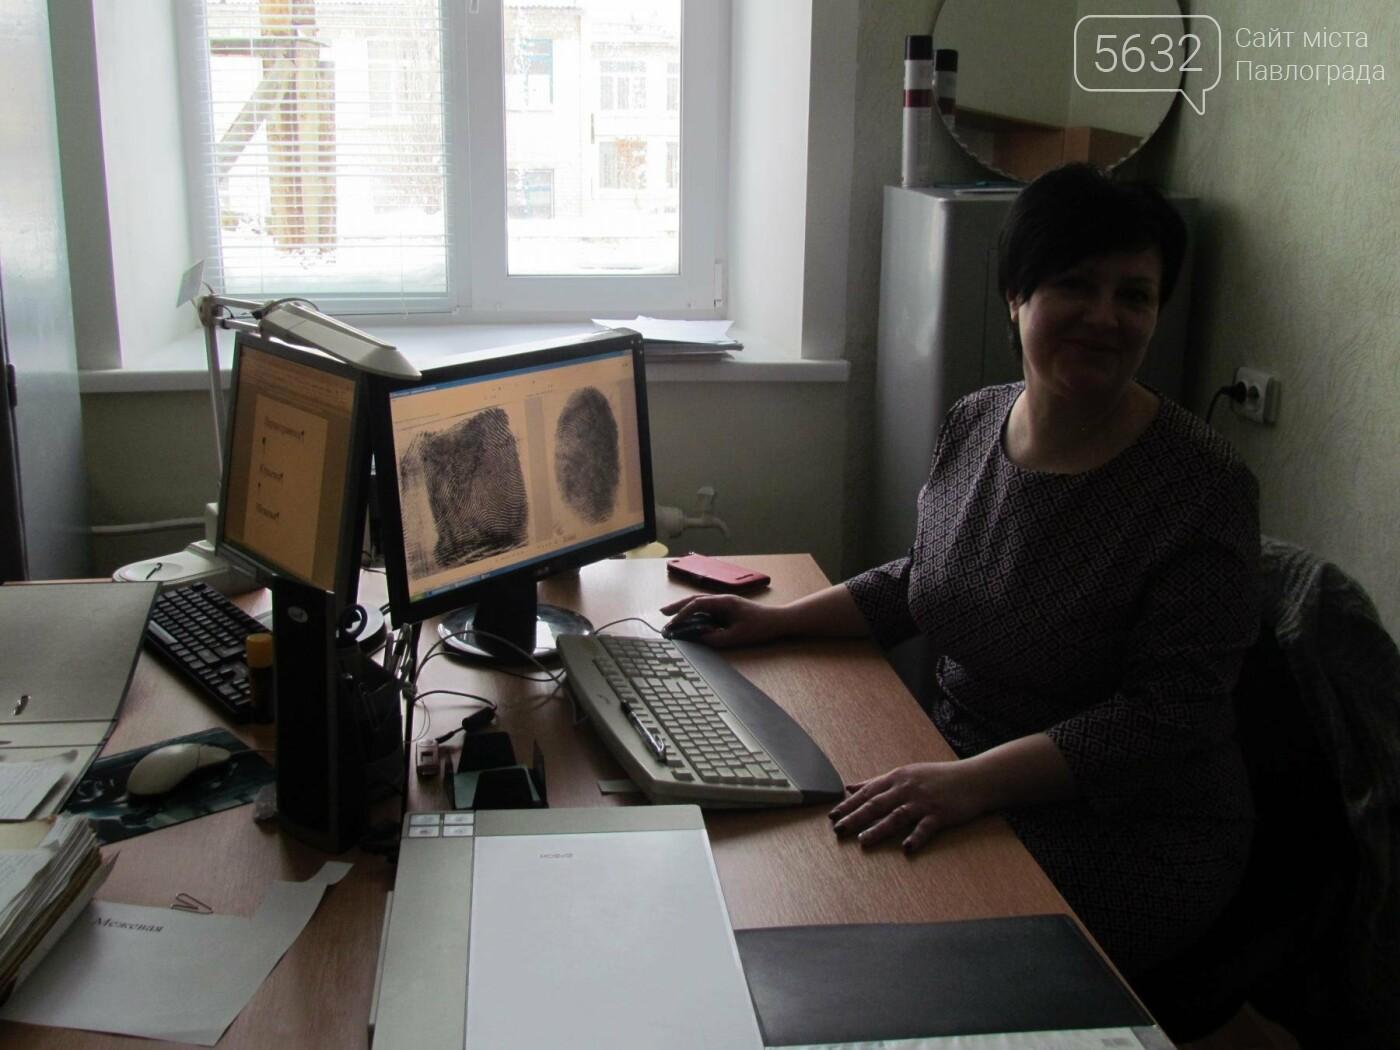 Ежегодно в Павлограде проводится около 1000 судебных экспертиз, фото-4